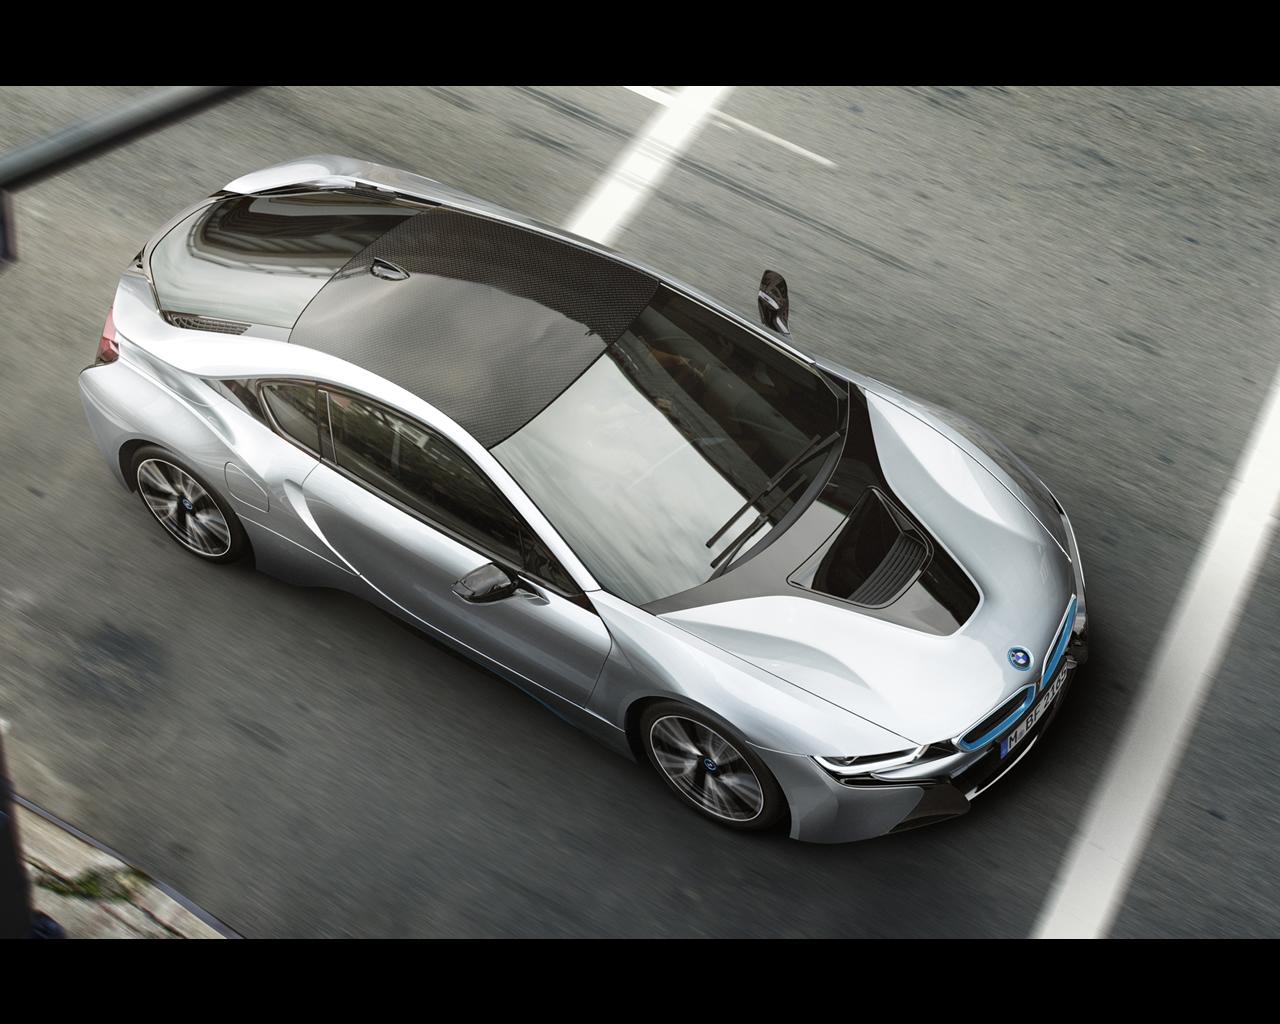 BMW I8 Plug-in Hybrid Sports Car 2013